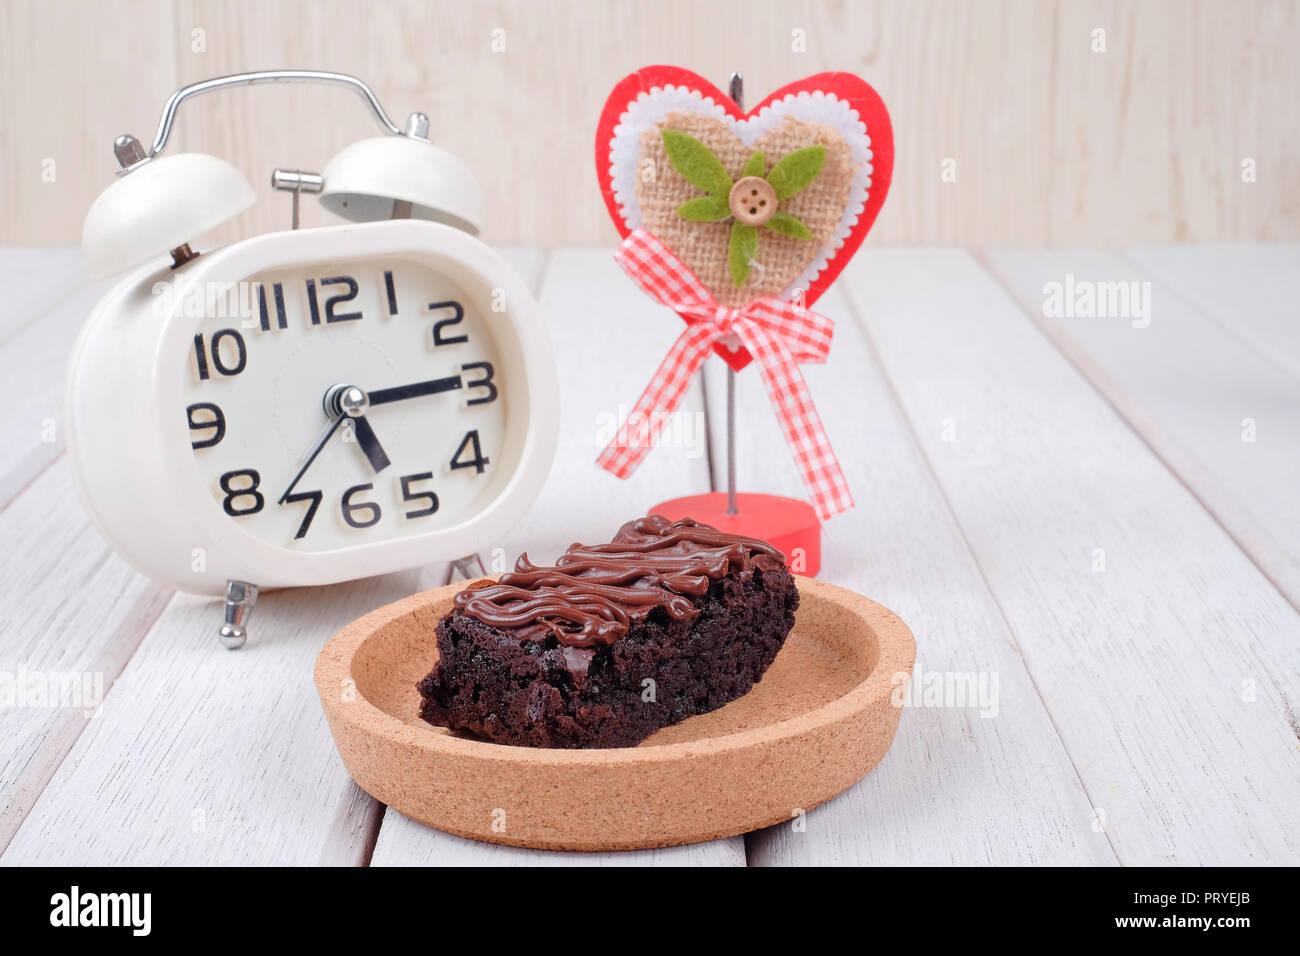 AlarmaNota Reloj Chocolate Clipper Brownie De Y Con zVSUMqp